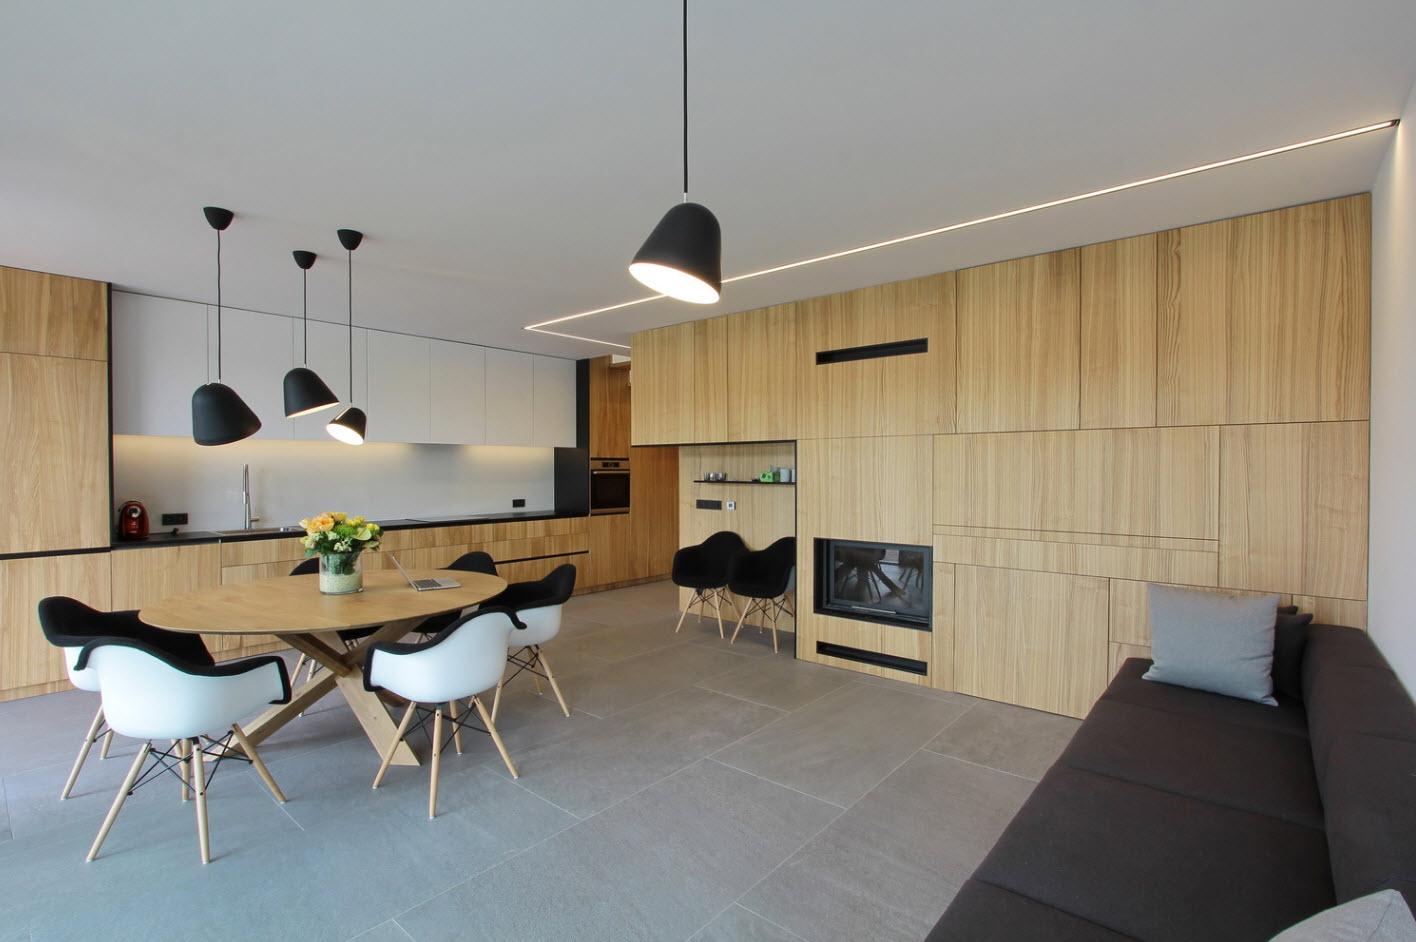 Casa de campo peque a con moderna estructura de madera for Diseno de interiores para oficinas pequenas